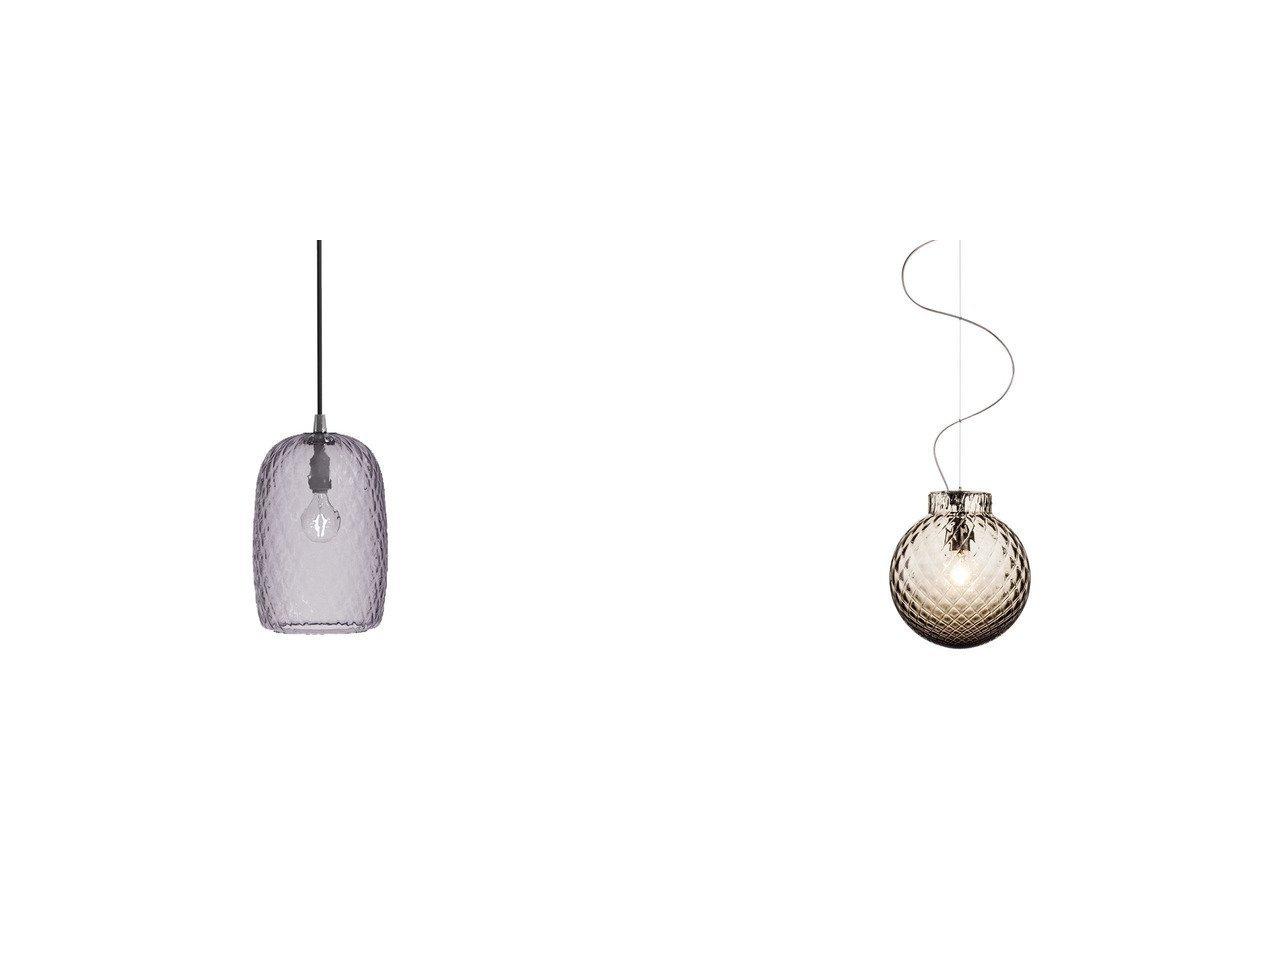 【VENINI/ヴェニーニ】のBALLOTON LAMP 845. バロトン ランプ 845.05&BALLOTON LAMP 845. バロトン ランプ 845.14 【ライト・照明 お家時間 FURNITURE】おすすめ!人気、インテリア雑貨・家具の通販 おすすめで人気の流行・トレンド、ファッションの通販商品 インテリア・家具・メンズファッション・キッズファッション・レディースファッション・服の通販 founy(ファニー) https://founy.com/ イタリア ガラス キルティング クラシック モダン ワーク 送料無料 Free Shipping ホーム・キャンプ・アウトドア Home,Garden,Outdoor,Camping Gear 家具・インテリア Furniture ライト・照明 Lighting & Light Fixtures ペンダントライト |ID:crp329100000054412